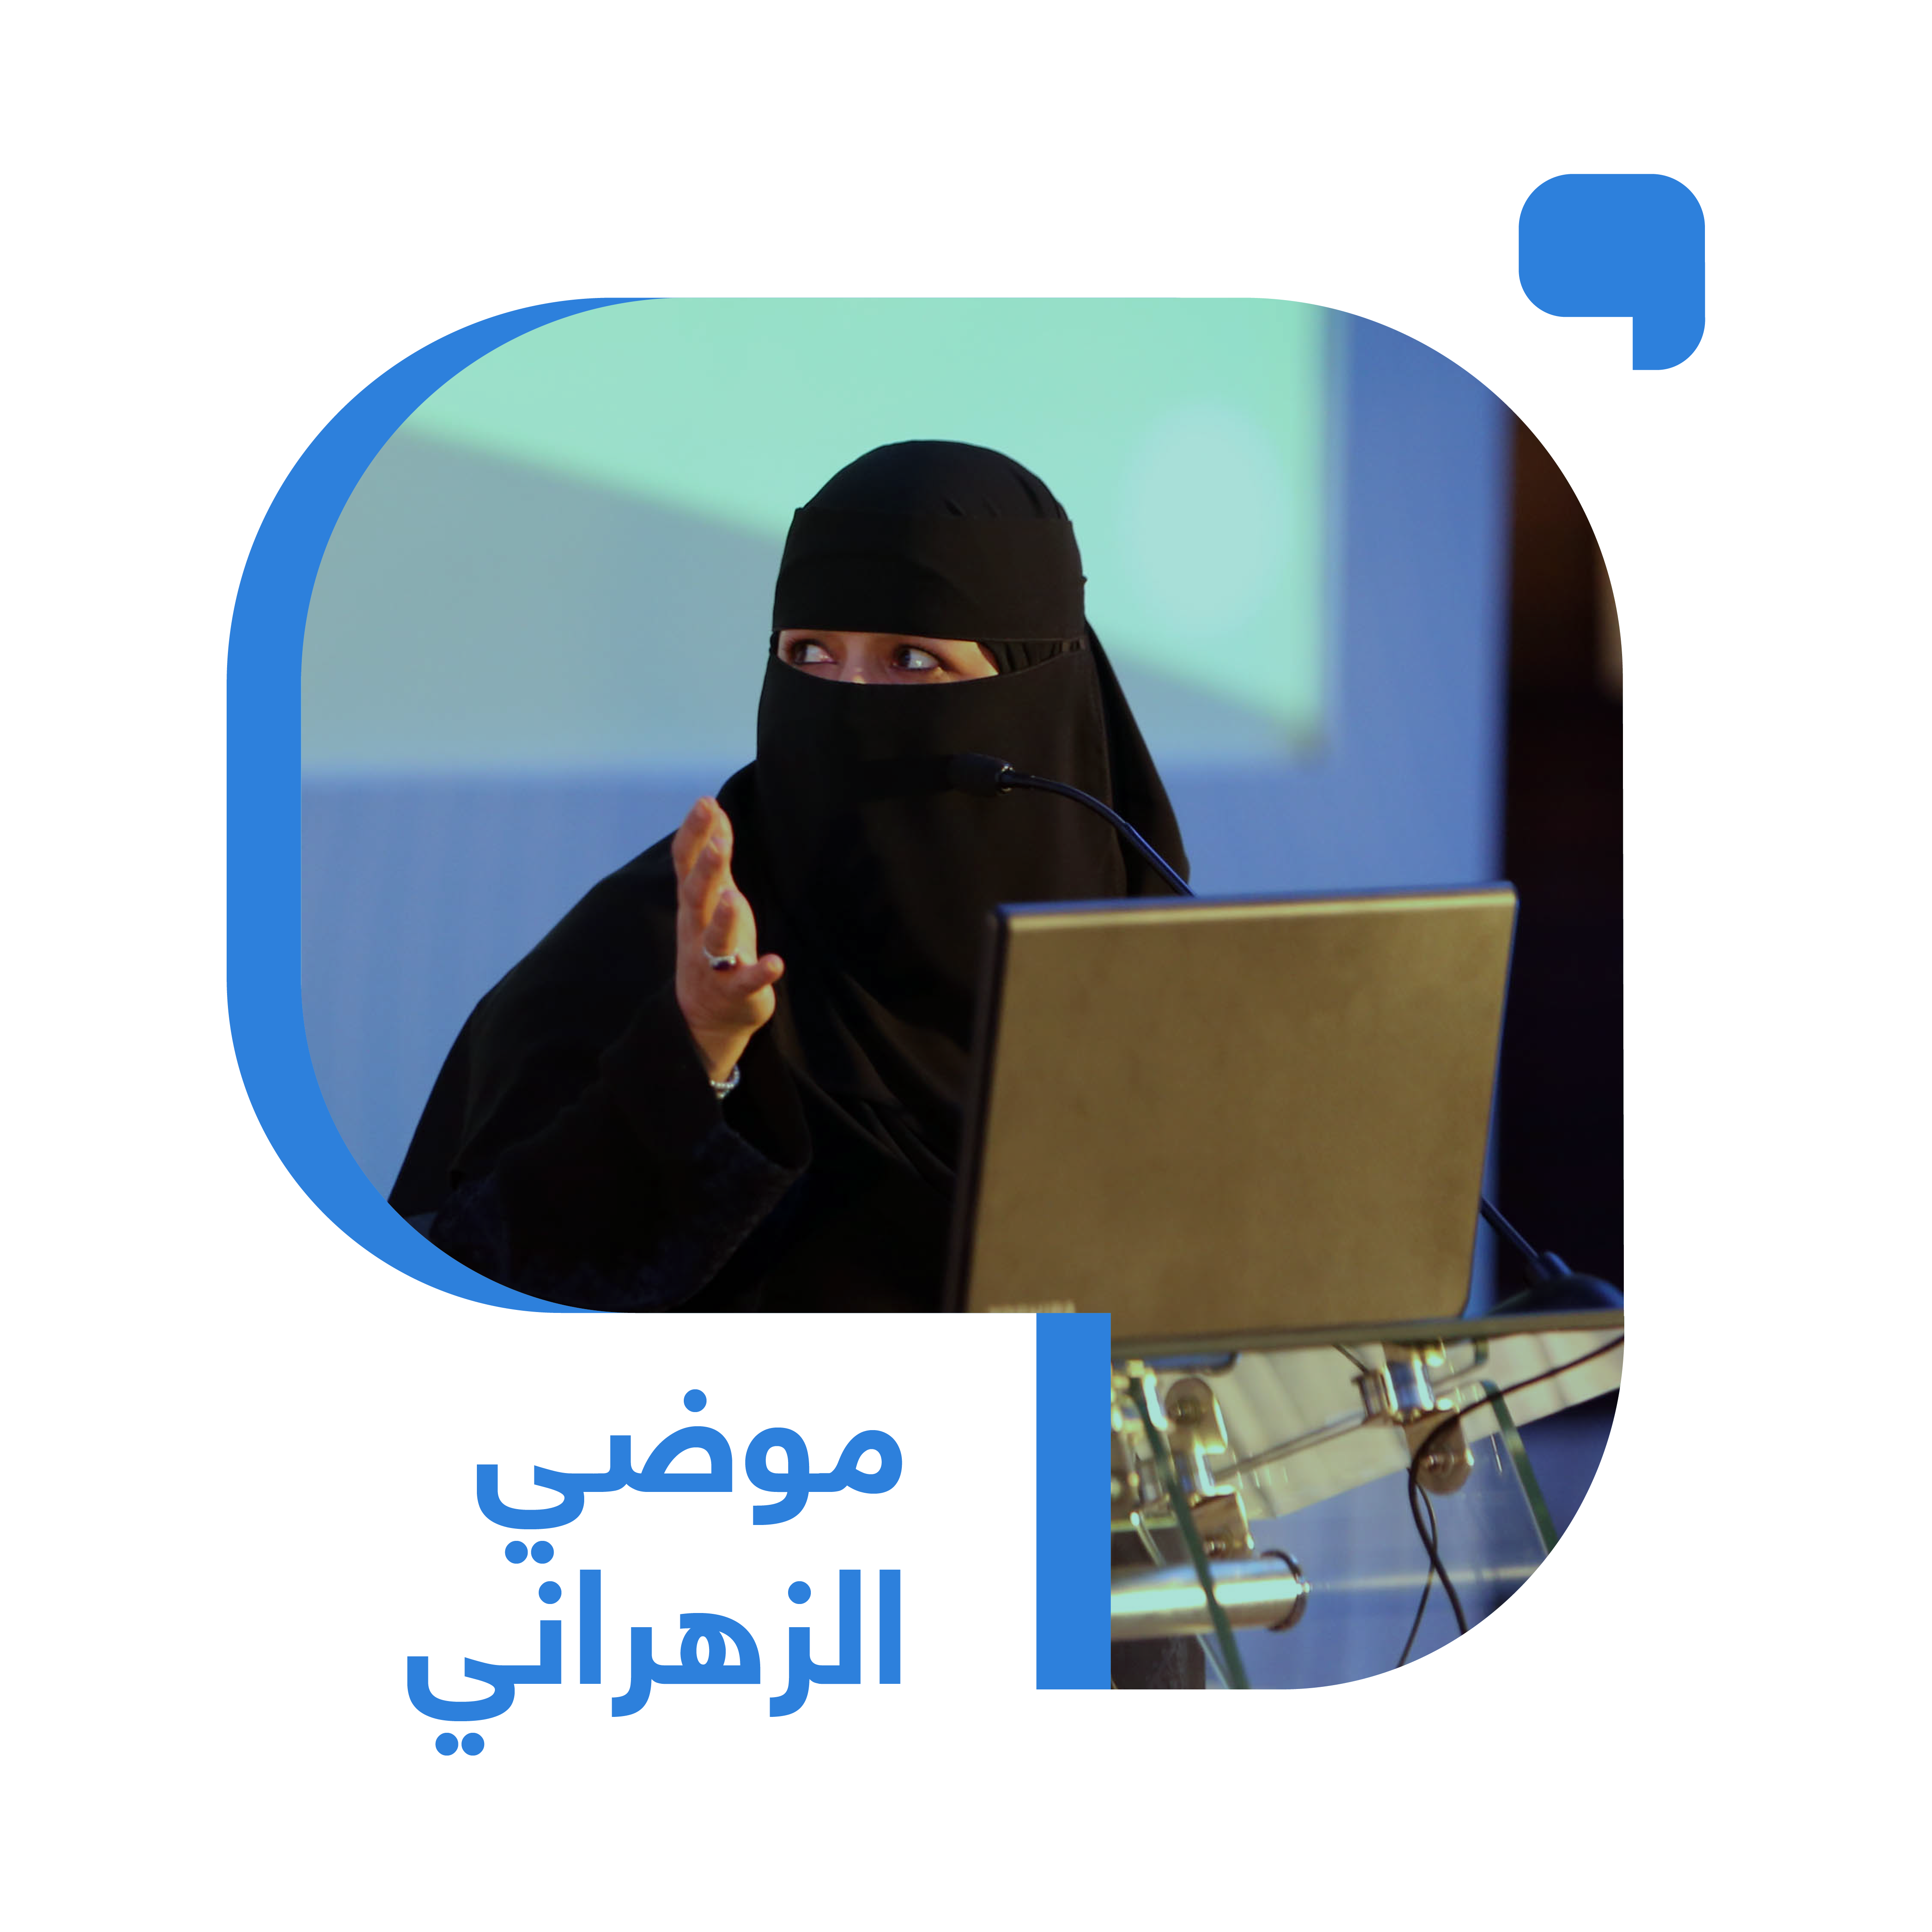 مِن المسكوت عنه التحرش الجنسي بالأطفال - جريدة الوطن